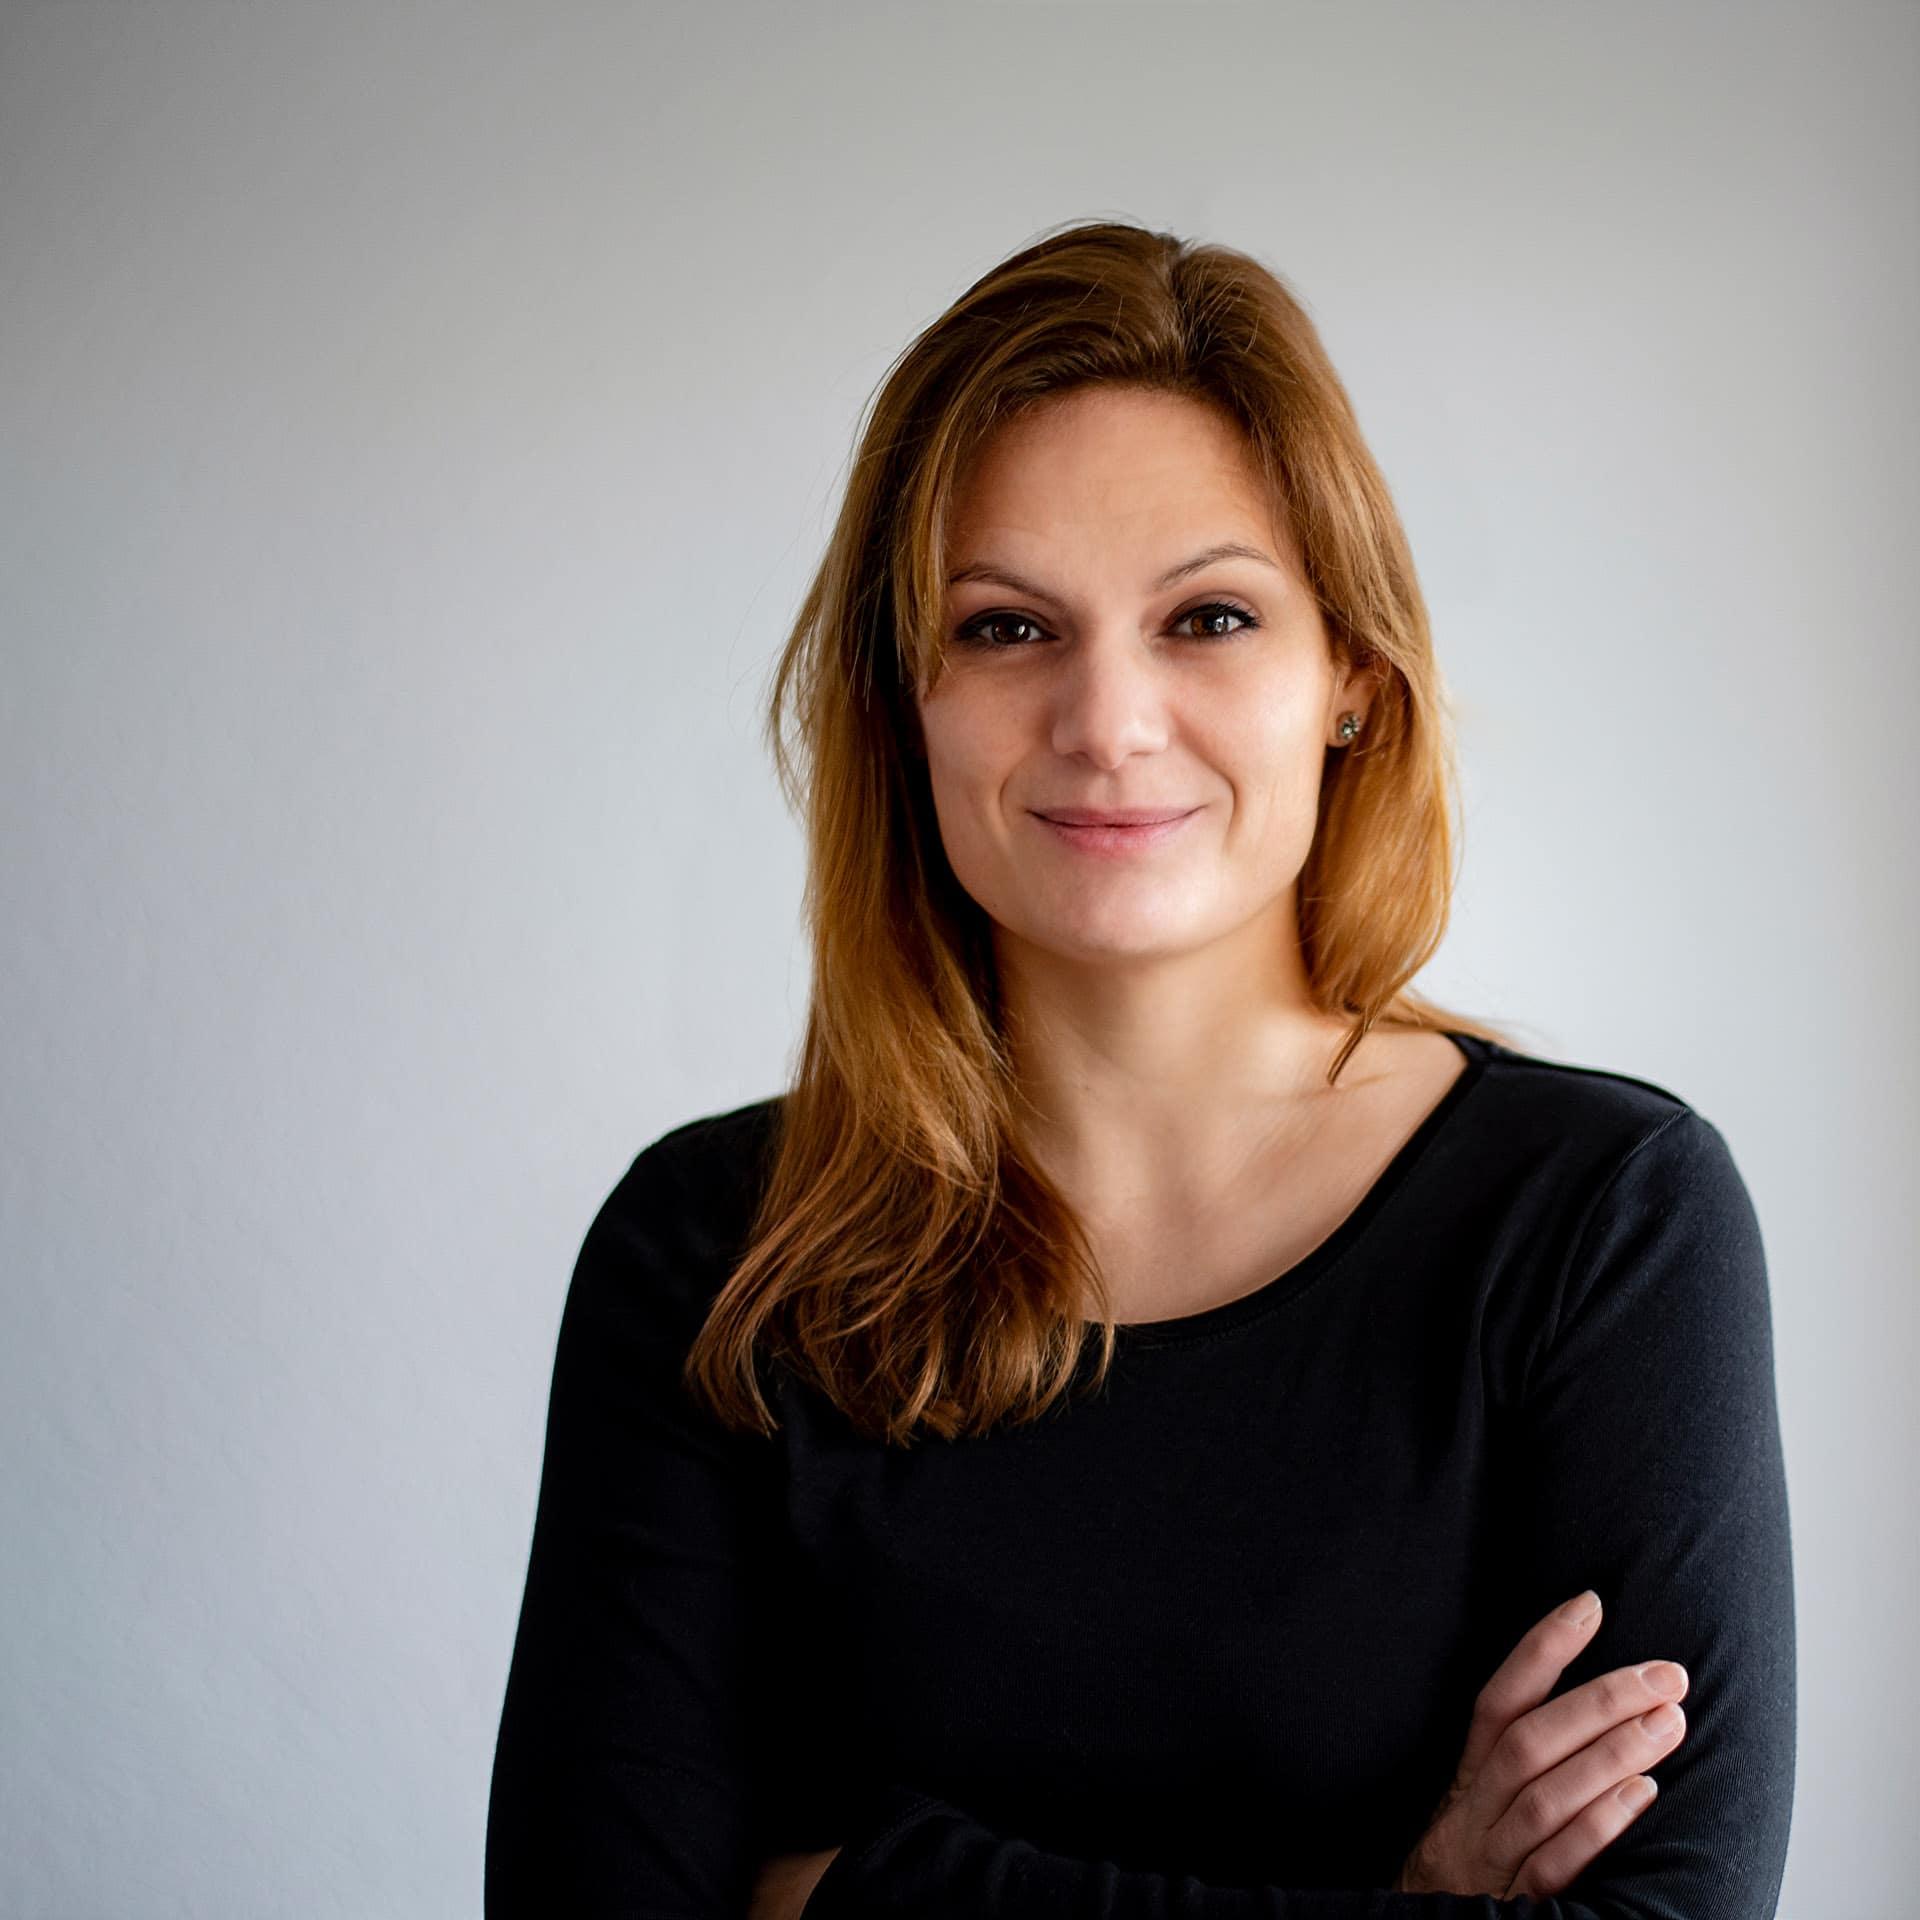 Jacqueline Eustachi